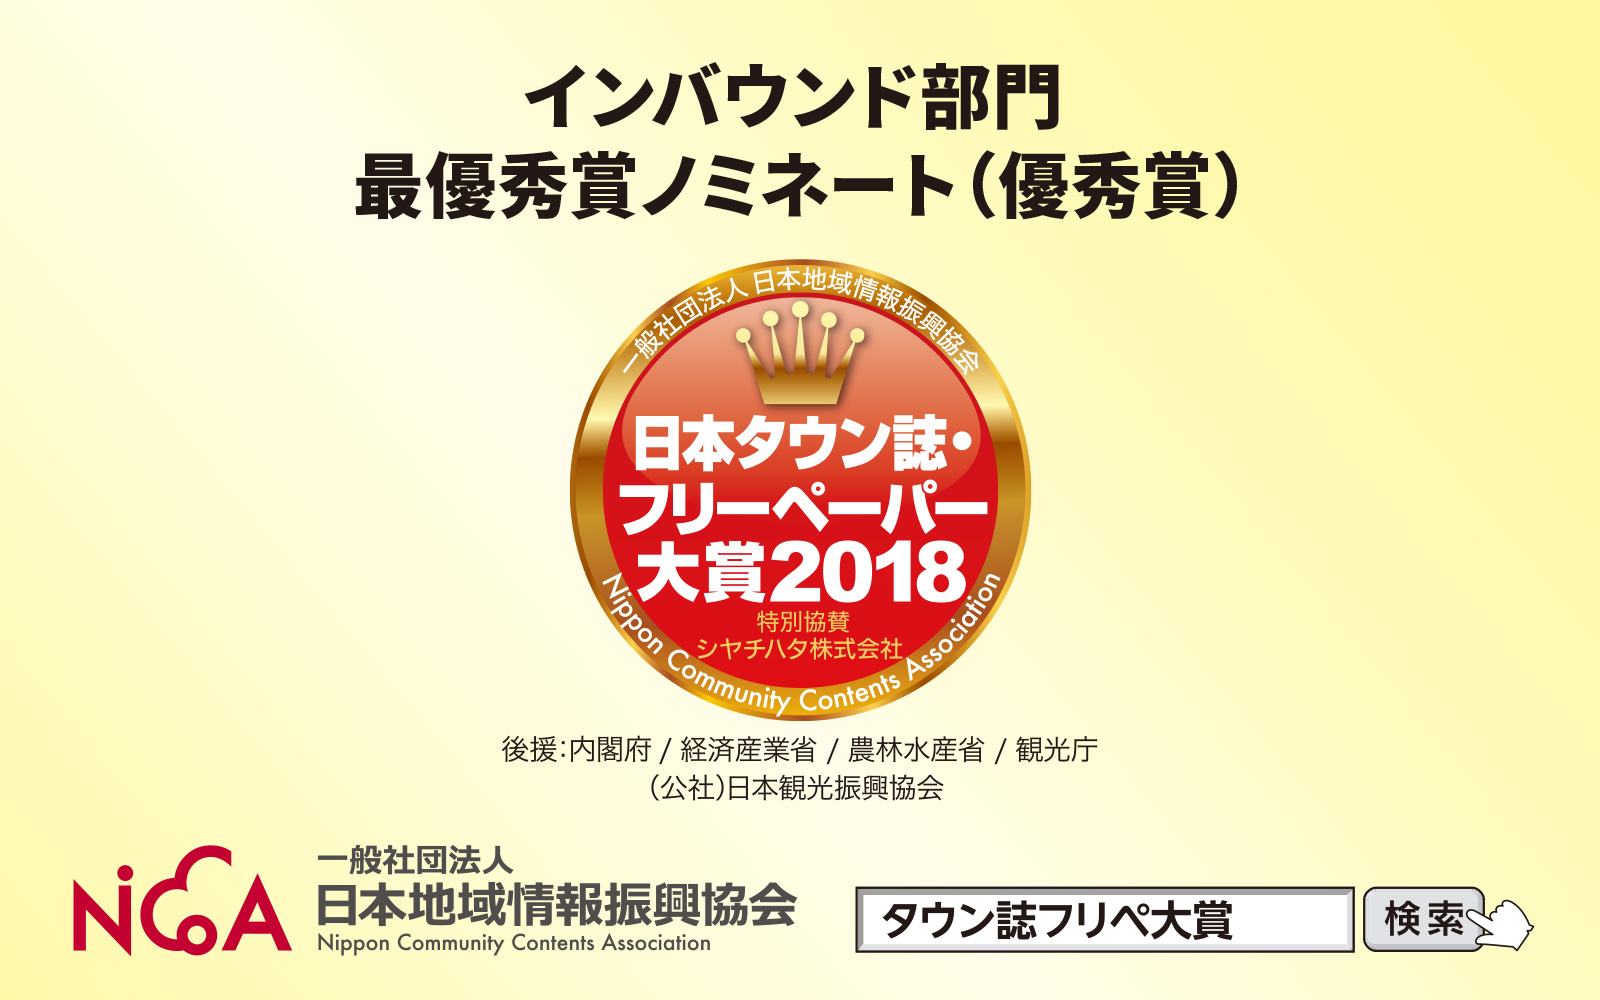 日本タウン誌・フリーペーパー大賞 インバウンド部門 最優秀賞ノミネート